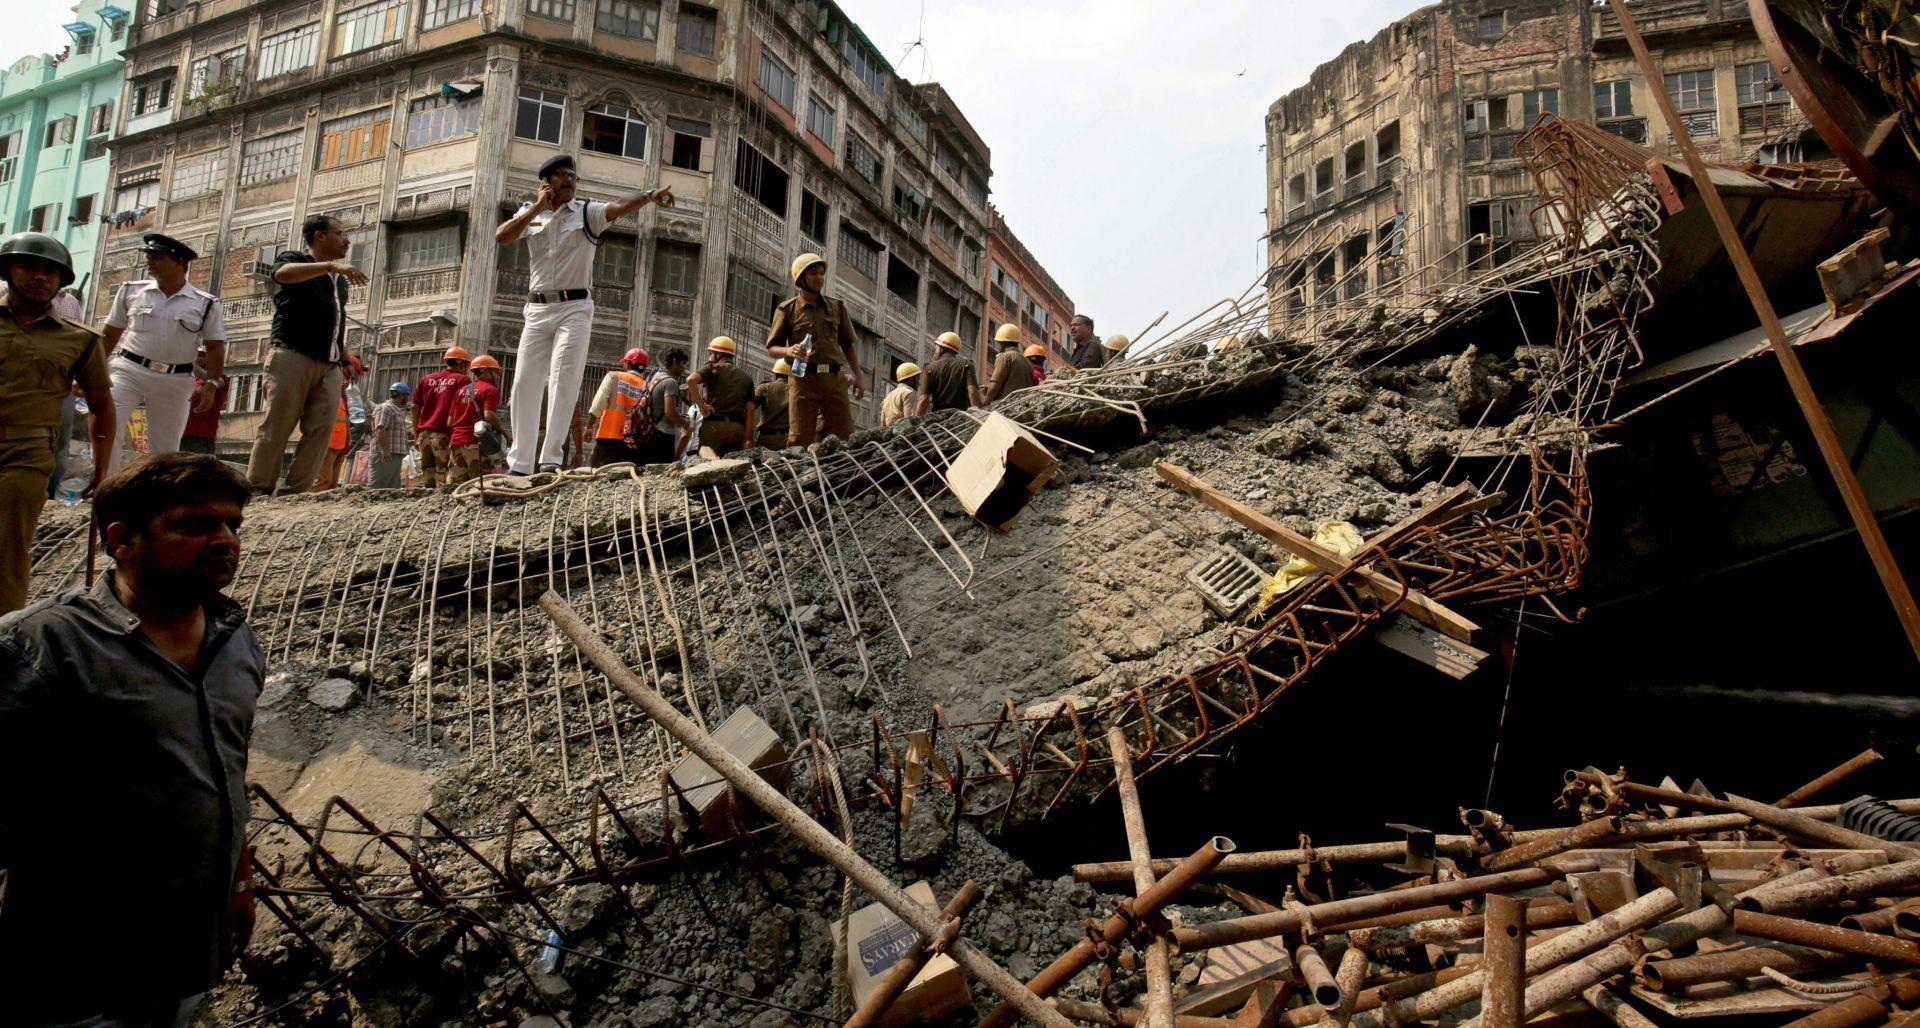 INDIJA Najmanje 23 osobe poginule u jučerašnjem urušavanju nadvožnjaka, brojni ljudi zatrpani u ruševinama